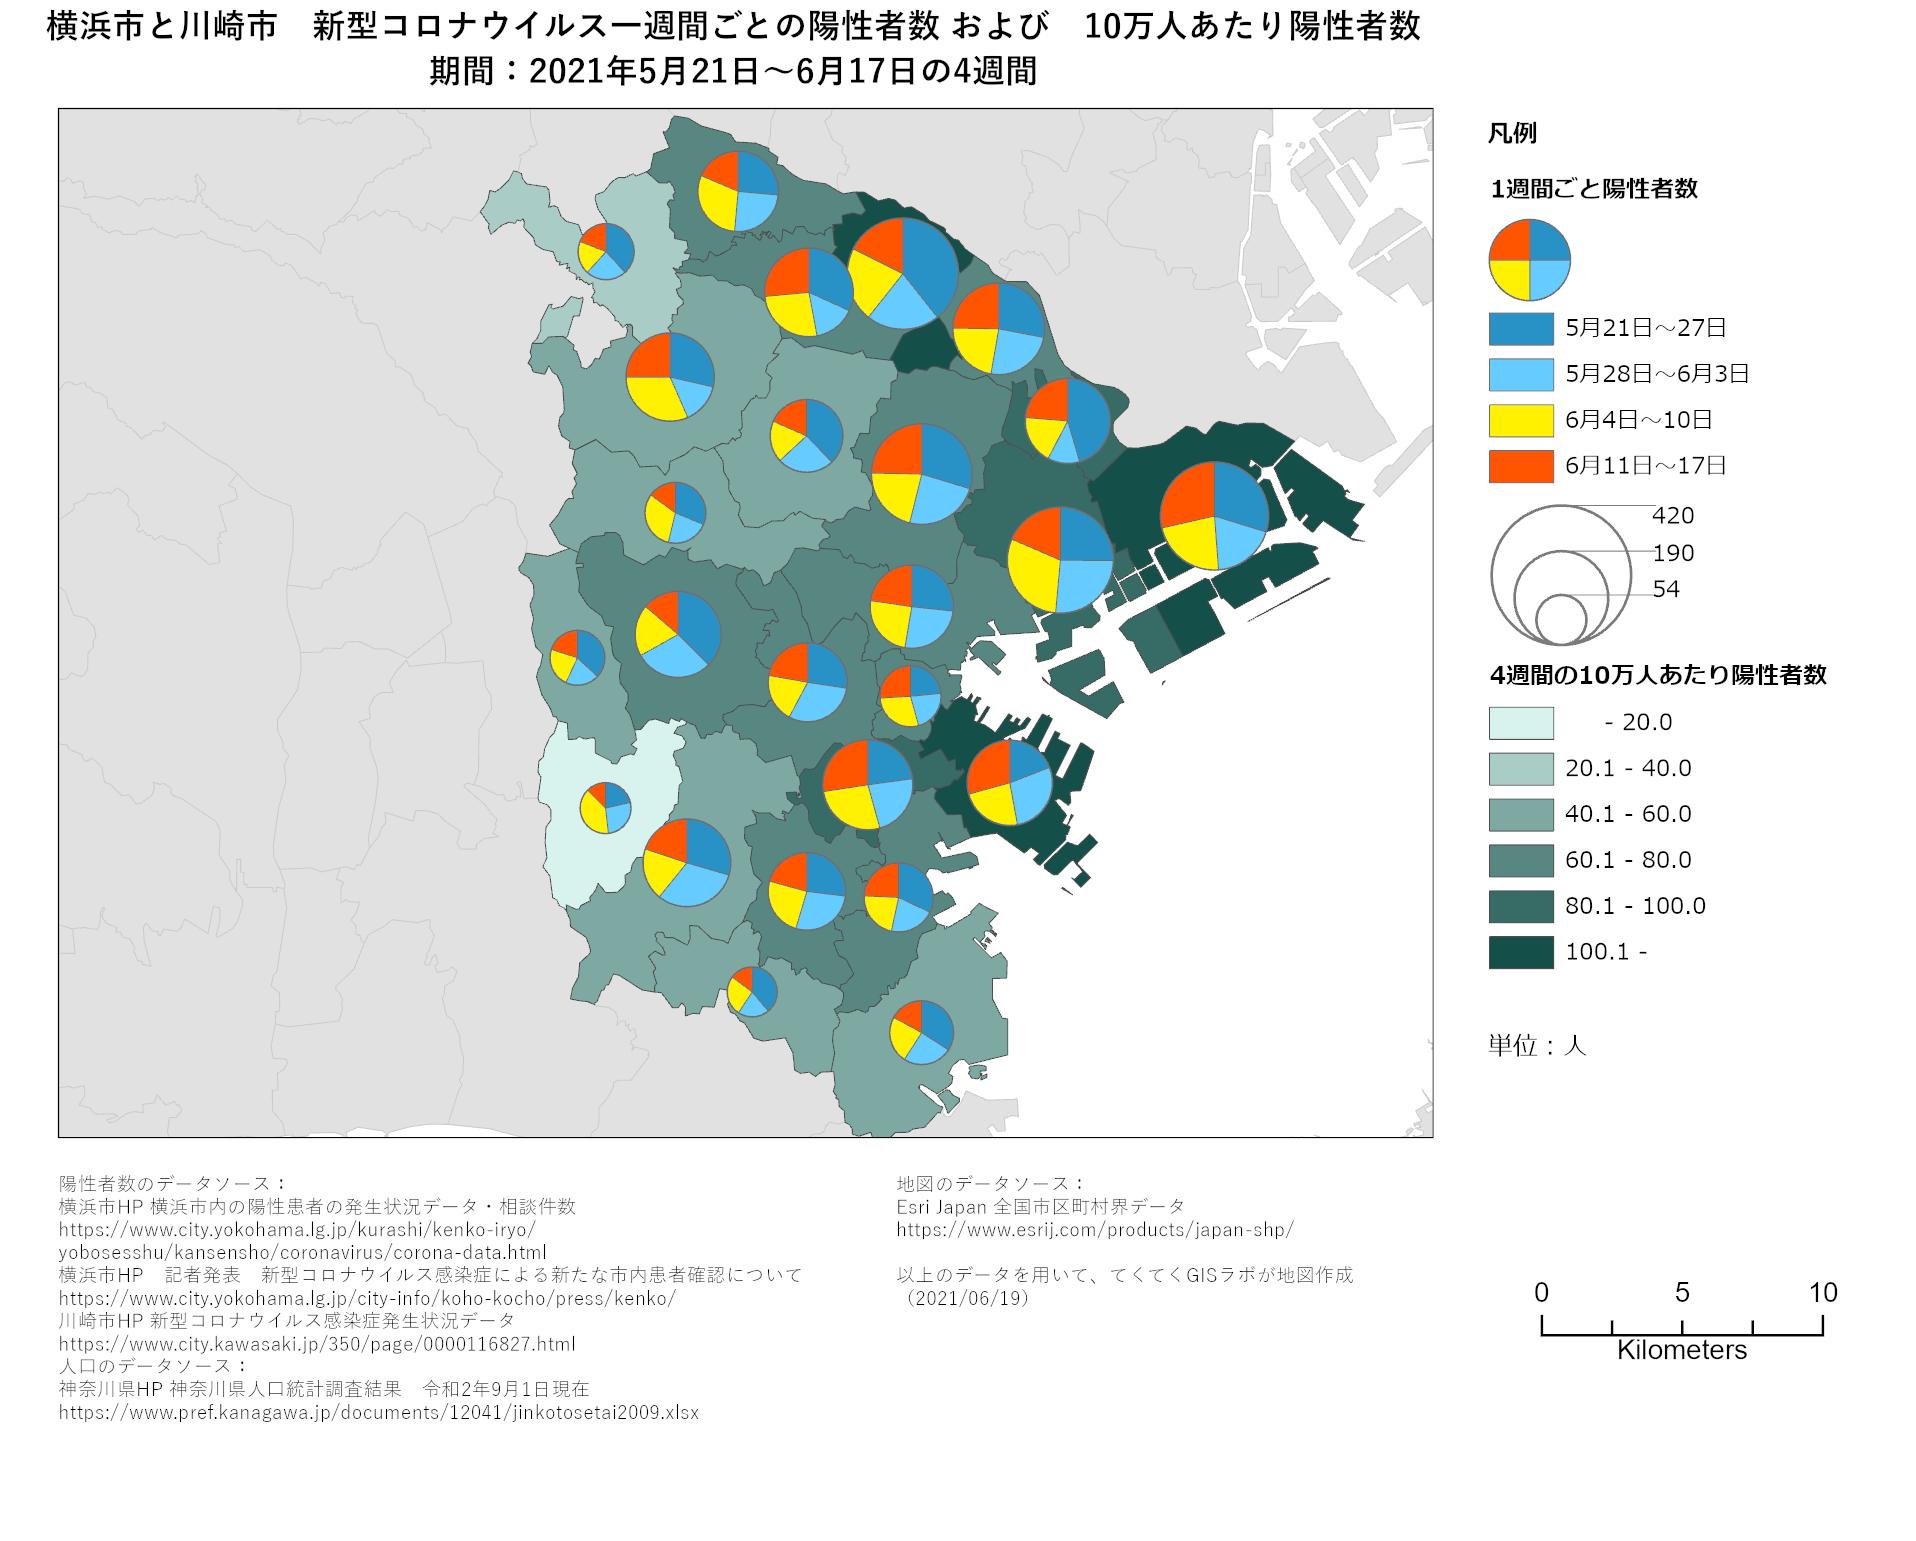 1週間ごと感染者数、神奈川県、5月21日〜6月17日